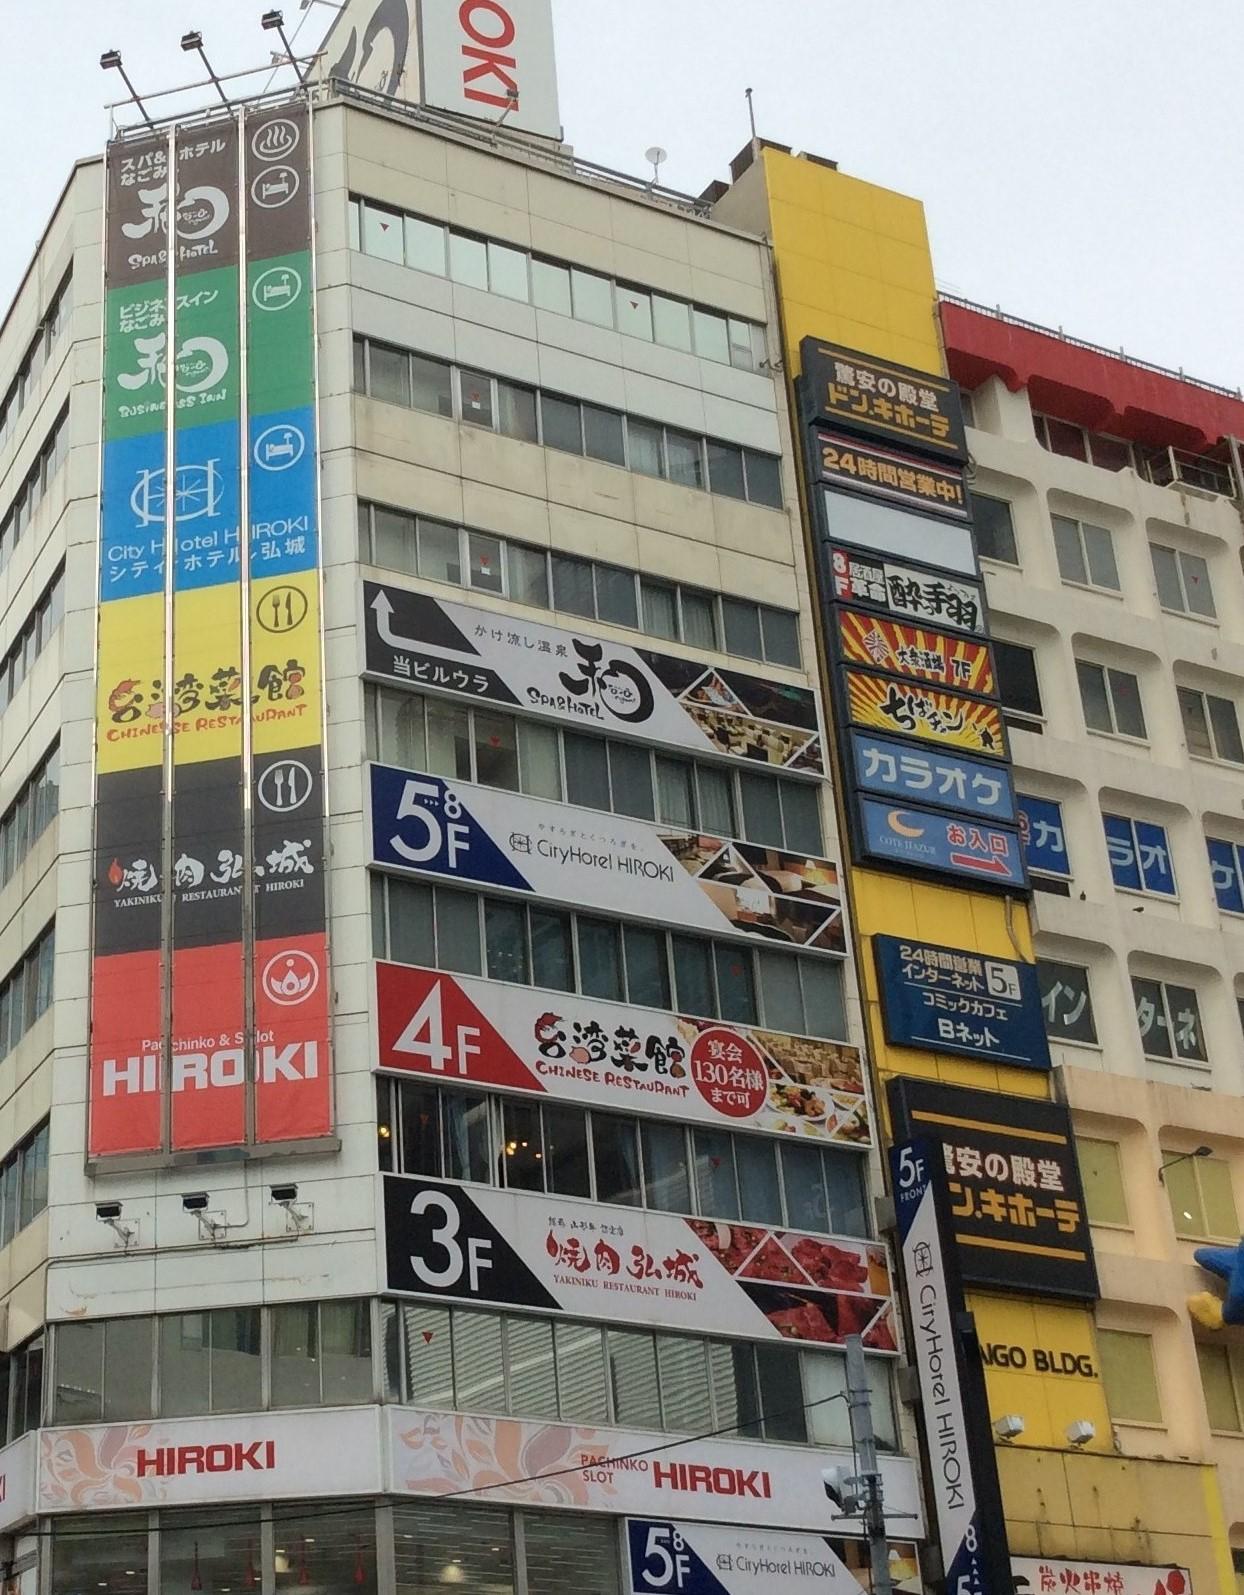 シティ ホテル 弘城◆楽天トラベル